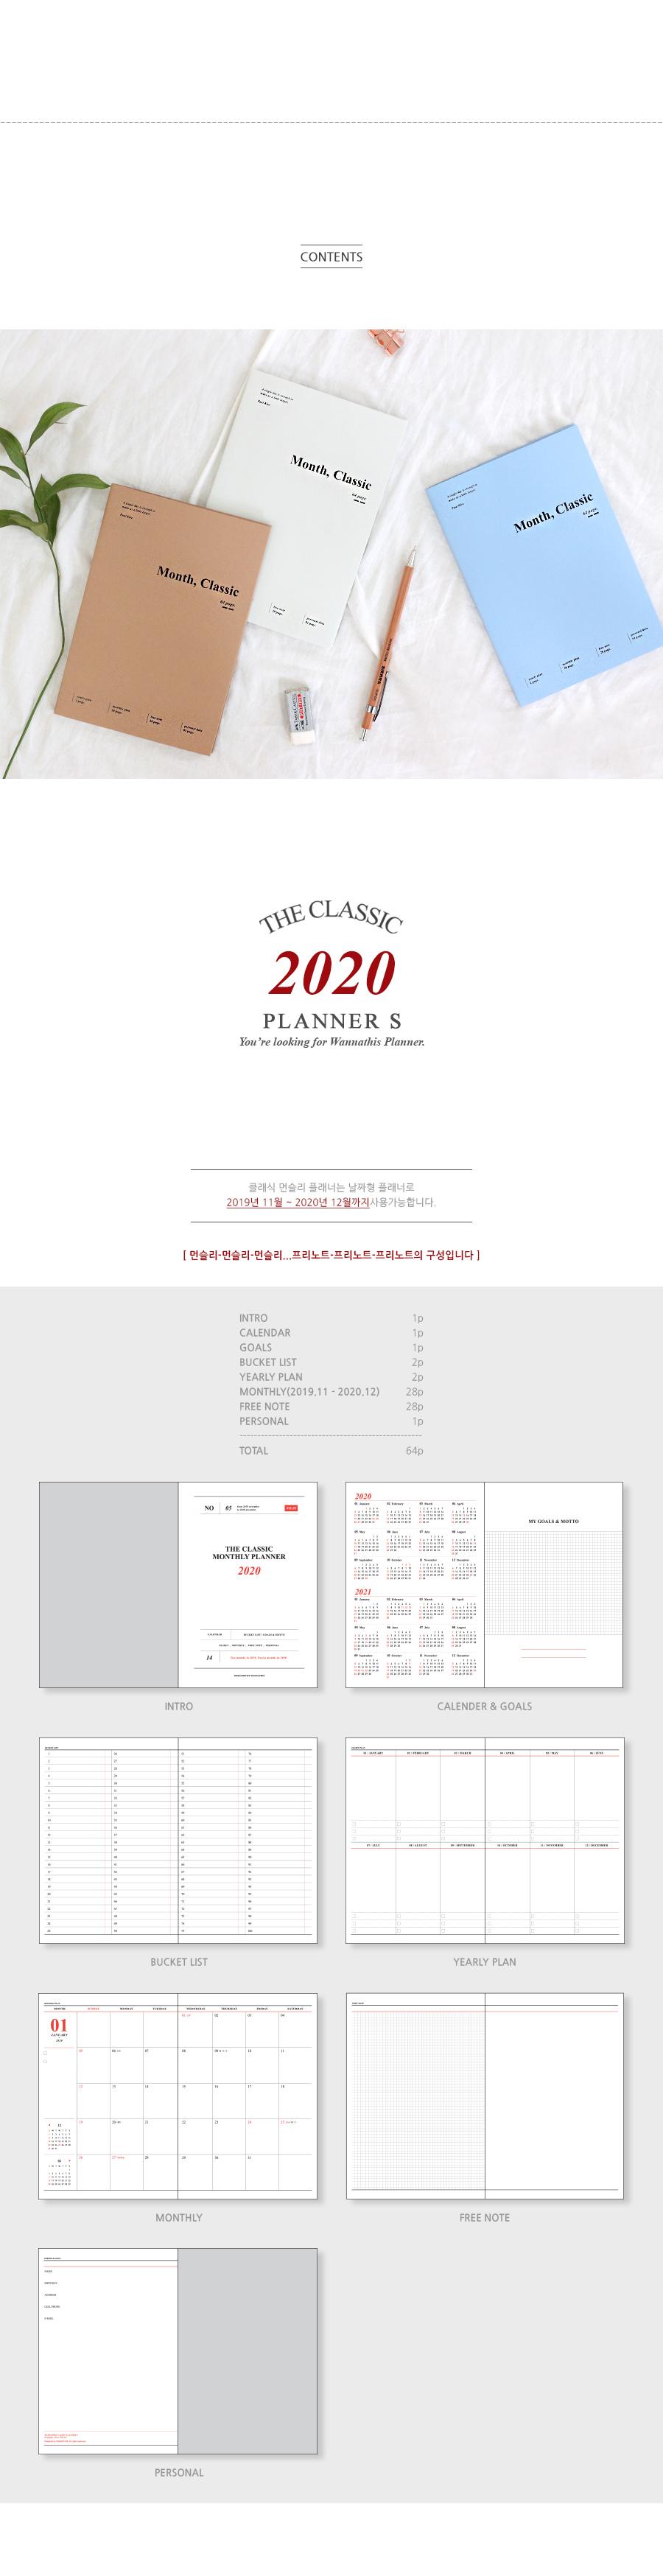 2020 클래식 먼슬리 플래너 S6,800원-워너디스디자인문구, 플래너/스케줄러, 플래너, 먼슬리플래너바보사랑2020 클래식 먼슬리 플래너 S6,800원-워너디스디자인문구, 플래너/스케줄러, 플래너, 먼슬리플래너바보사랑